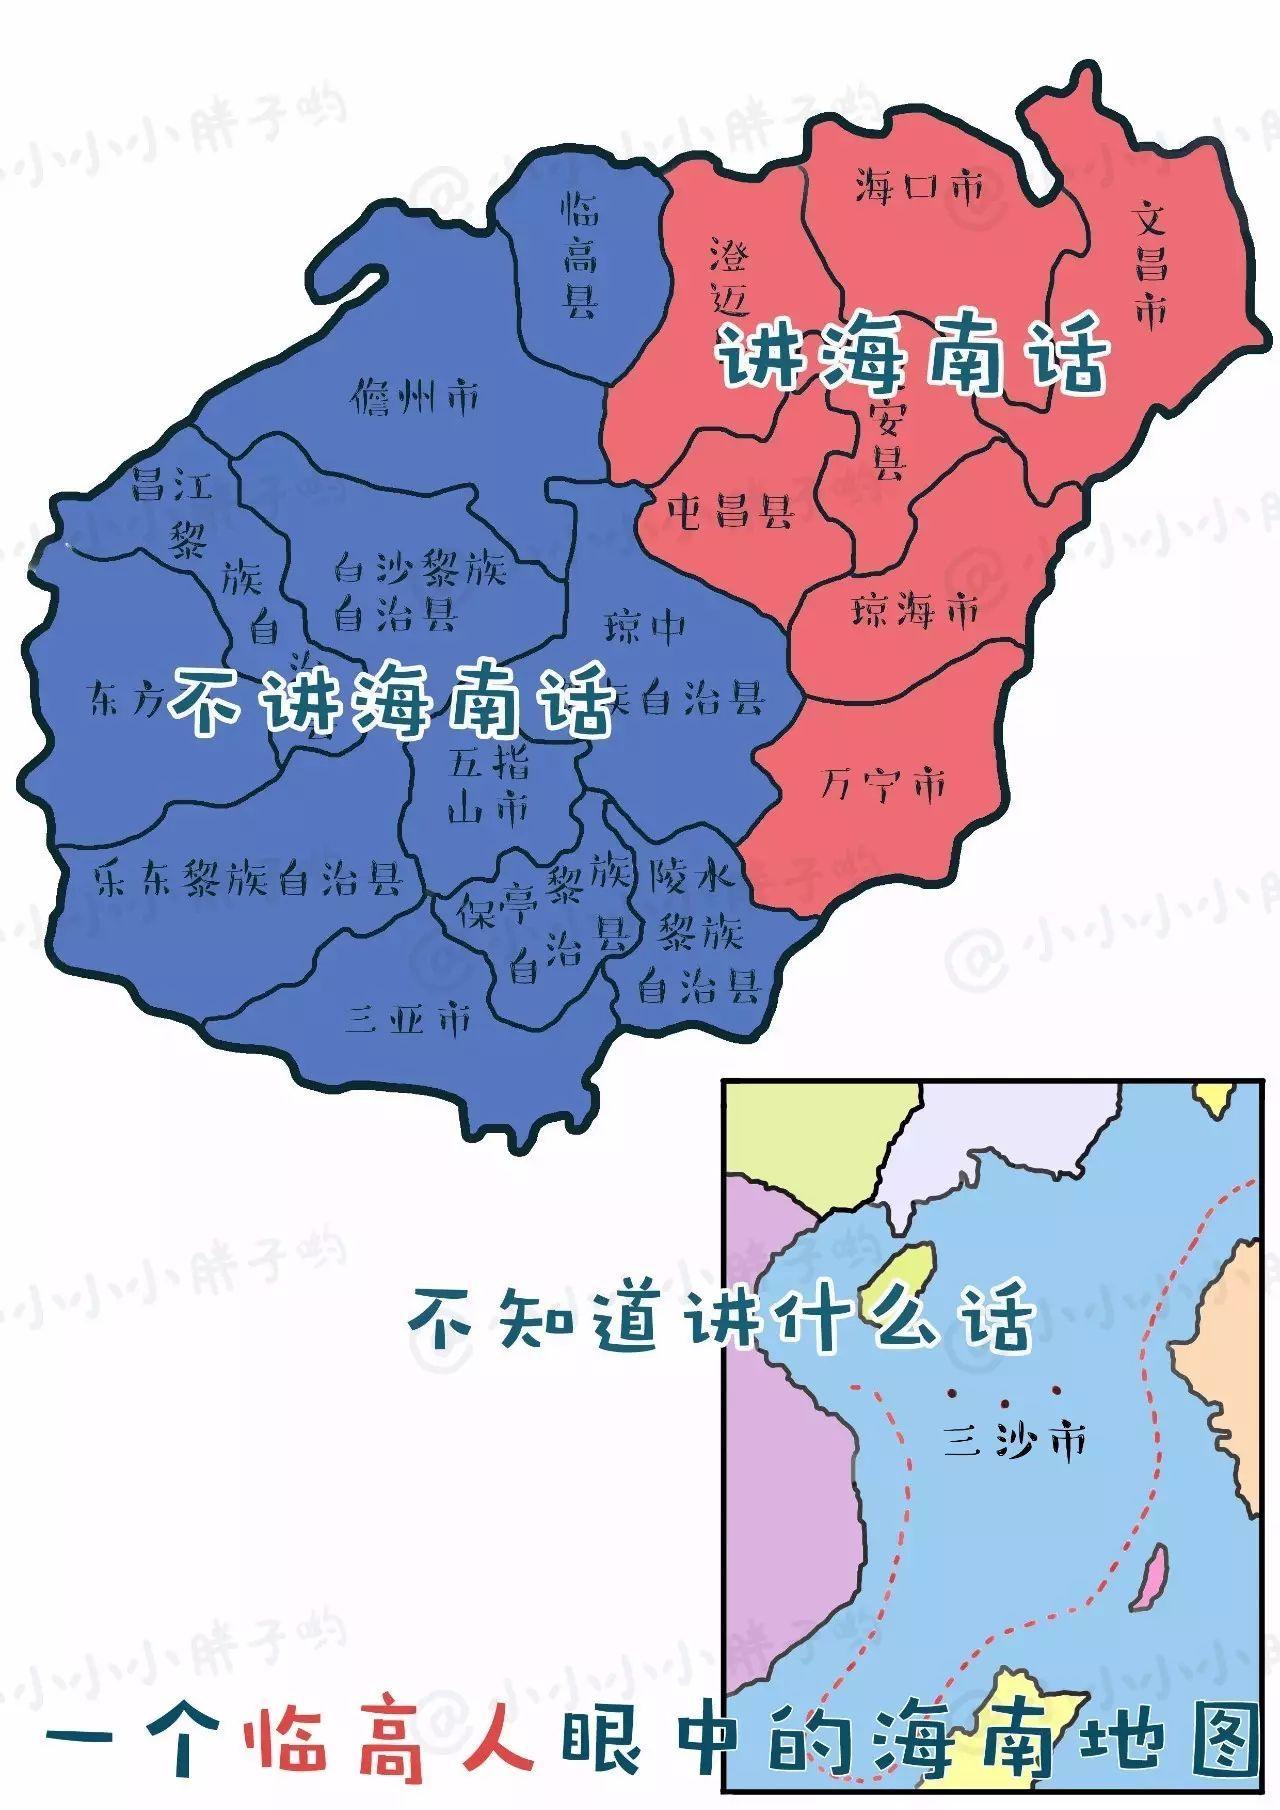 海南屯昌人口_海南人眼中的海南地图,笑一笑就好